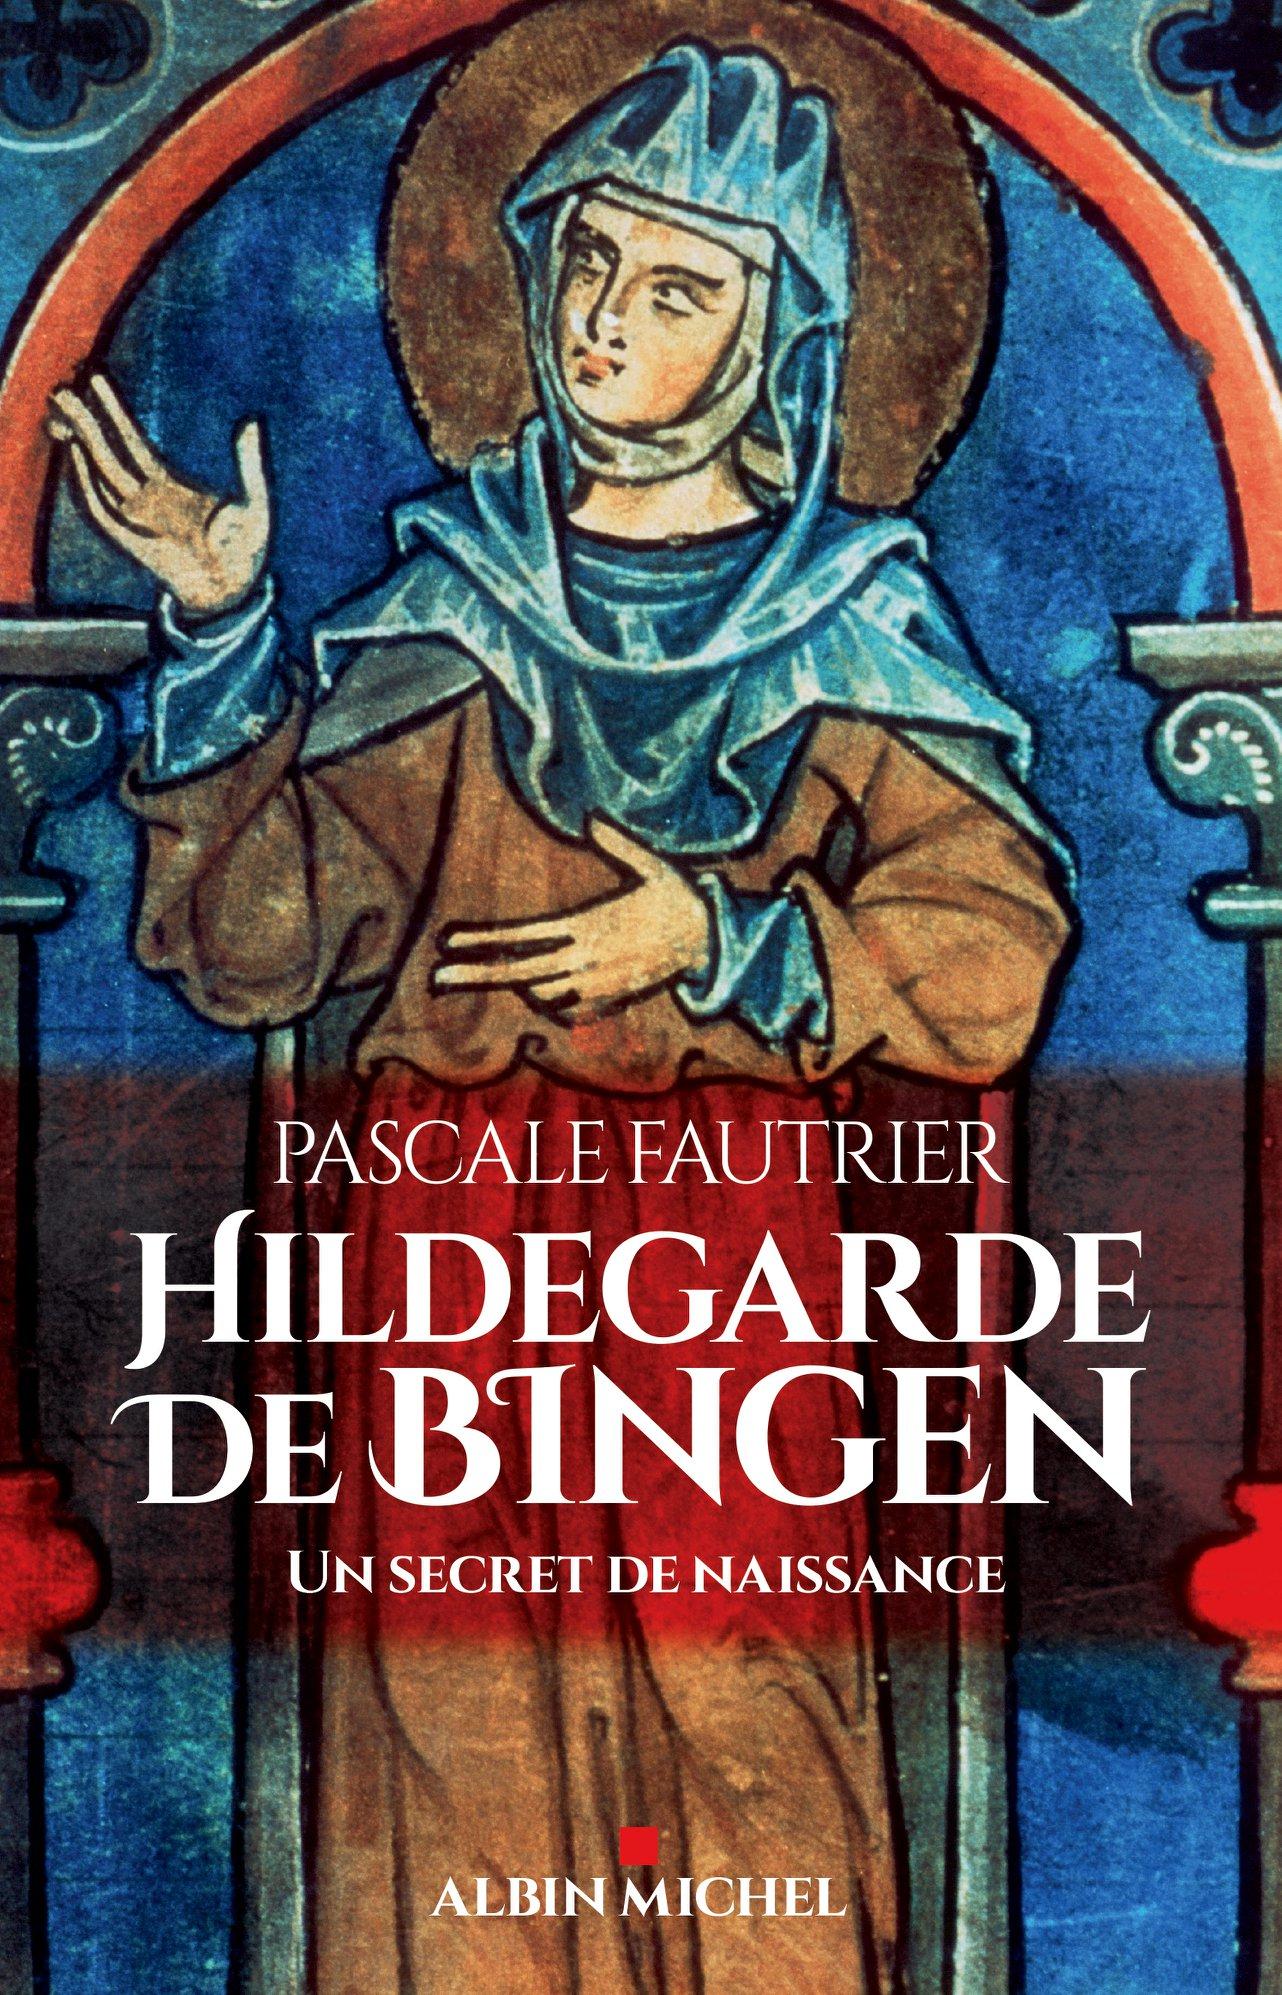 Hildegarde de Bingen, du Moyen Âge au new age. | Pascale Fautrier, Laurence Moulinier-Brogi